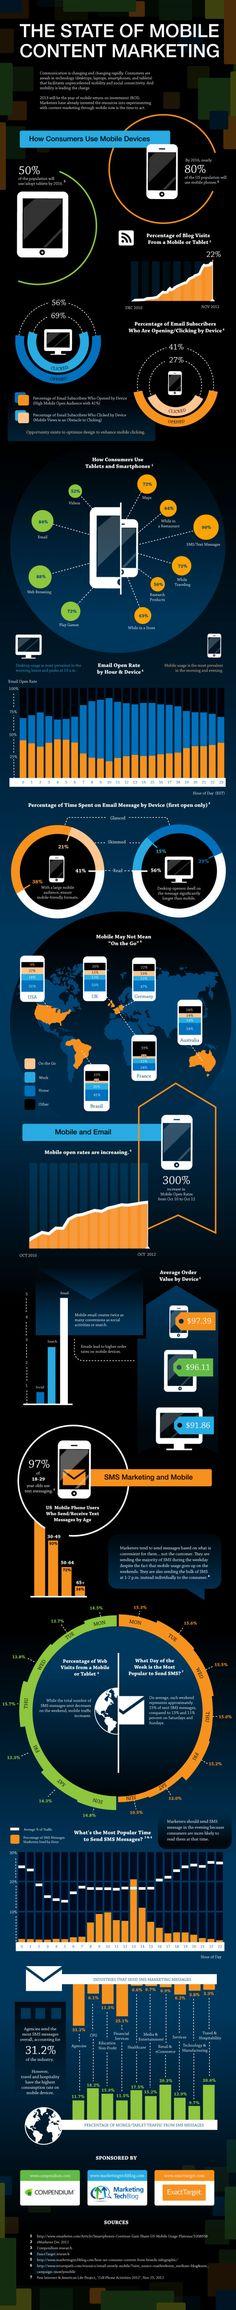 L'infografica di ExactTarget sul Content Mobile Marketing e la nostra news.